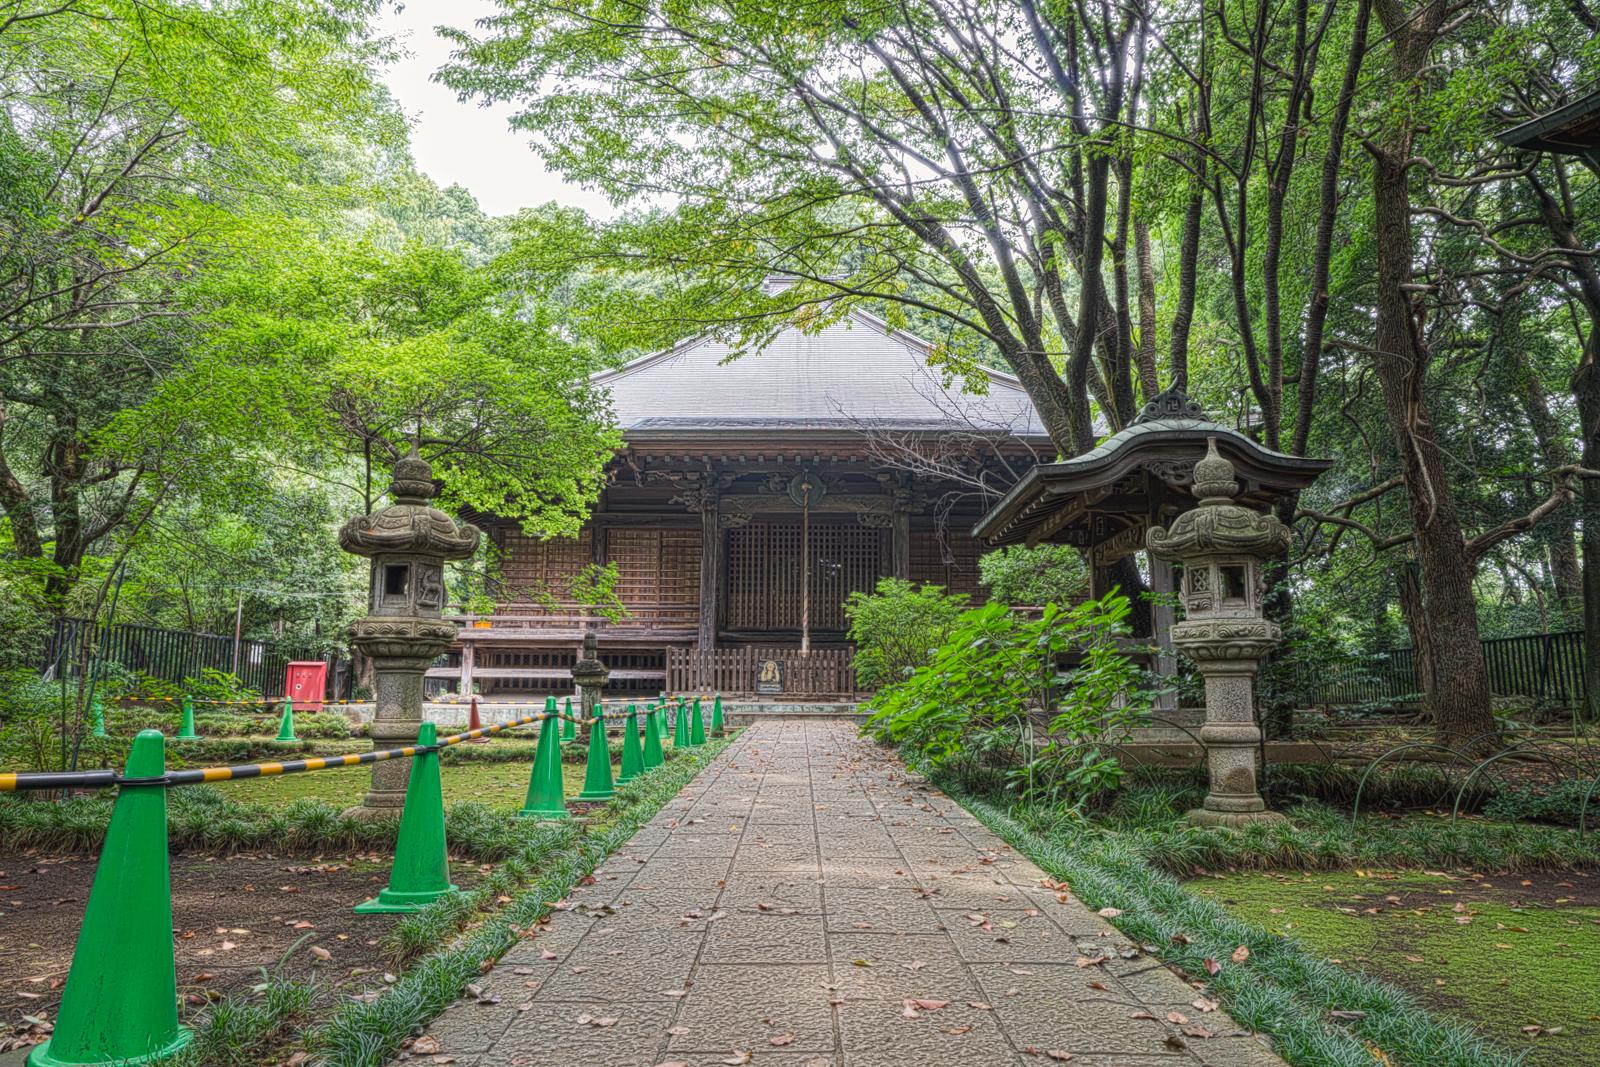 武蔵国分寺薬師堂の写真